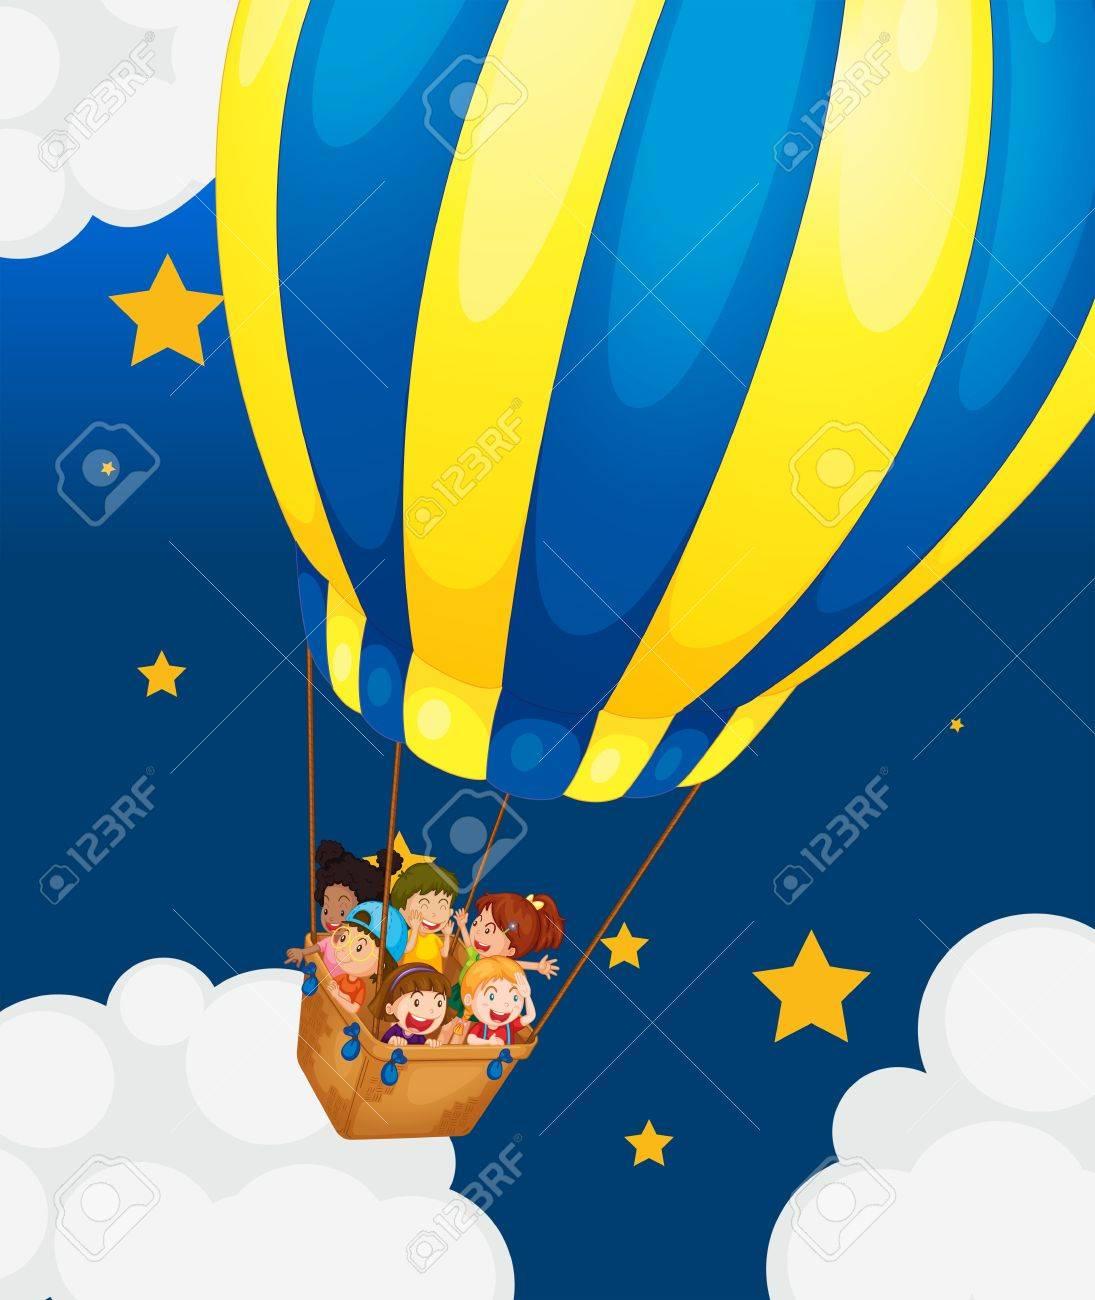 6 人の子供熱気球に乗ってのイラストのイラスト素材ベクタ Image